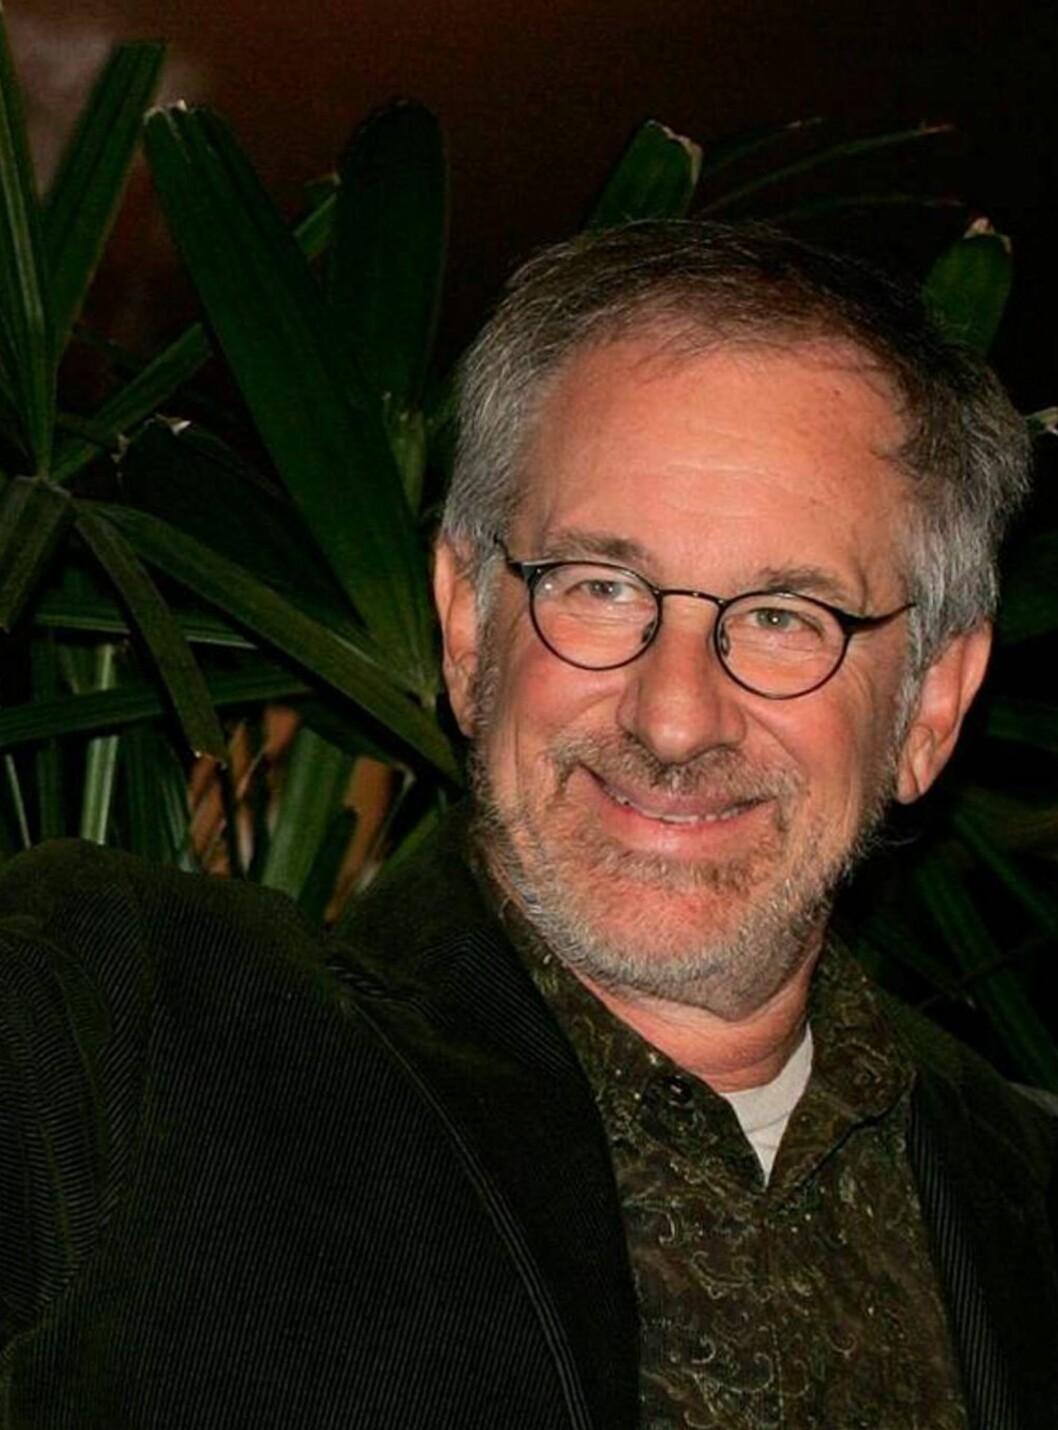 <strong>NÆRKONTAKT AV TREDJE GRAD:</strong> Med Spielberg på laget, satser de kinesiske arrangørene på å lage det mest spektakulære åpningsshowet noensinne... Foto: All Over Press